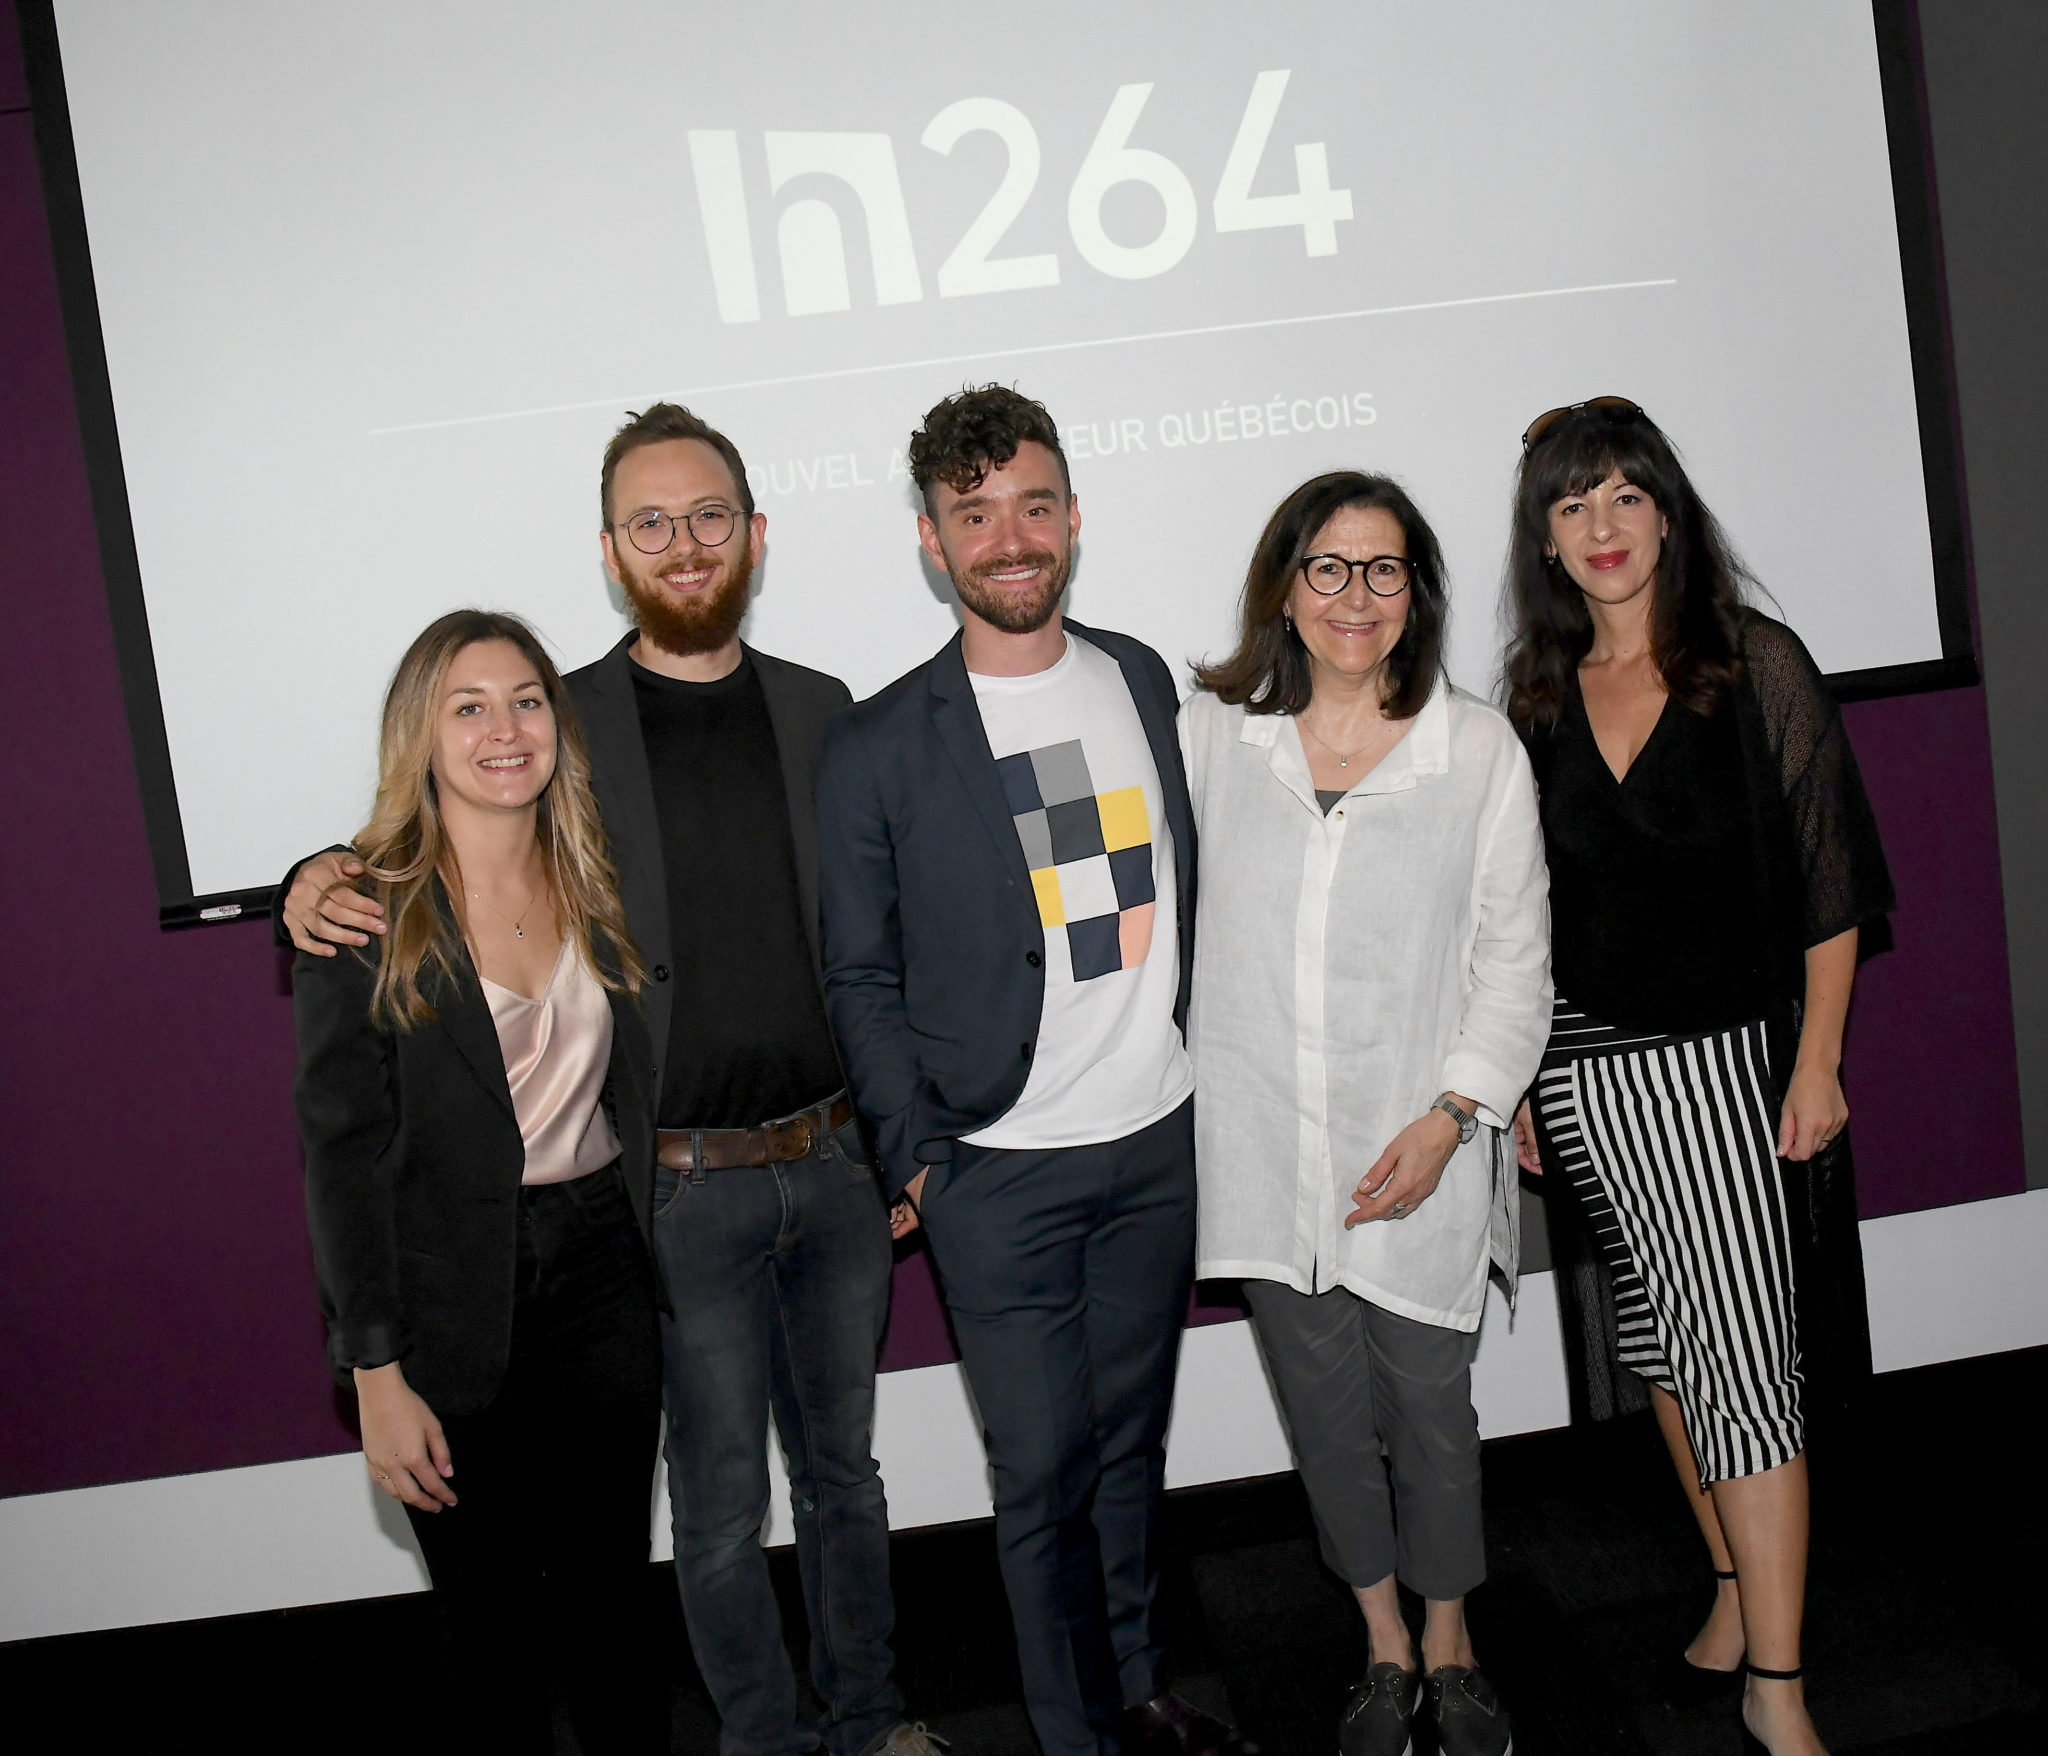 h264 agrégateur de contenu québécois sur les grandes plateformes numériques !